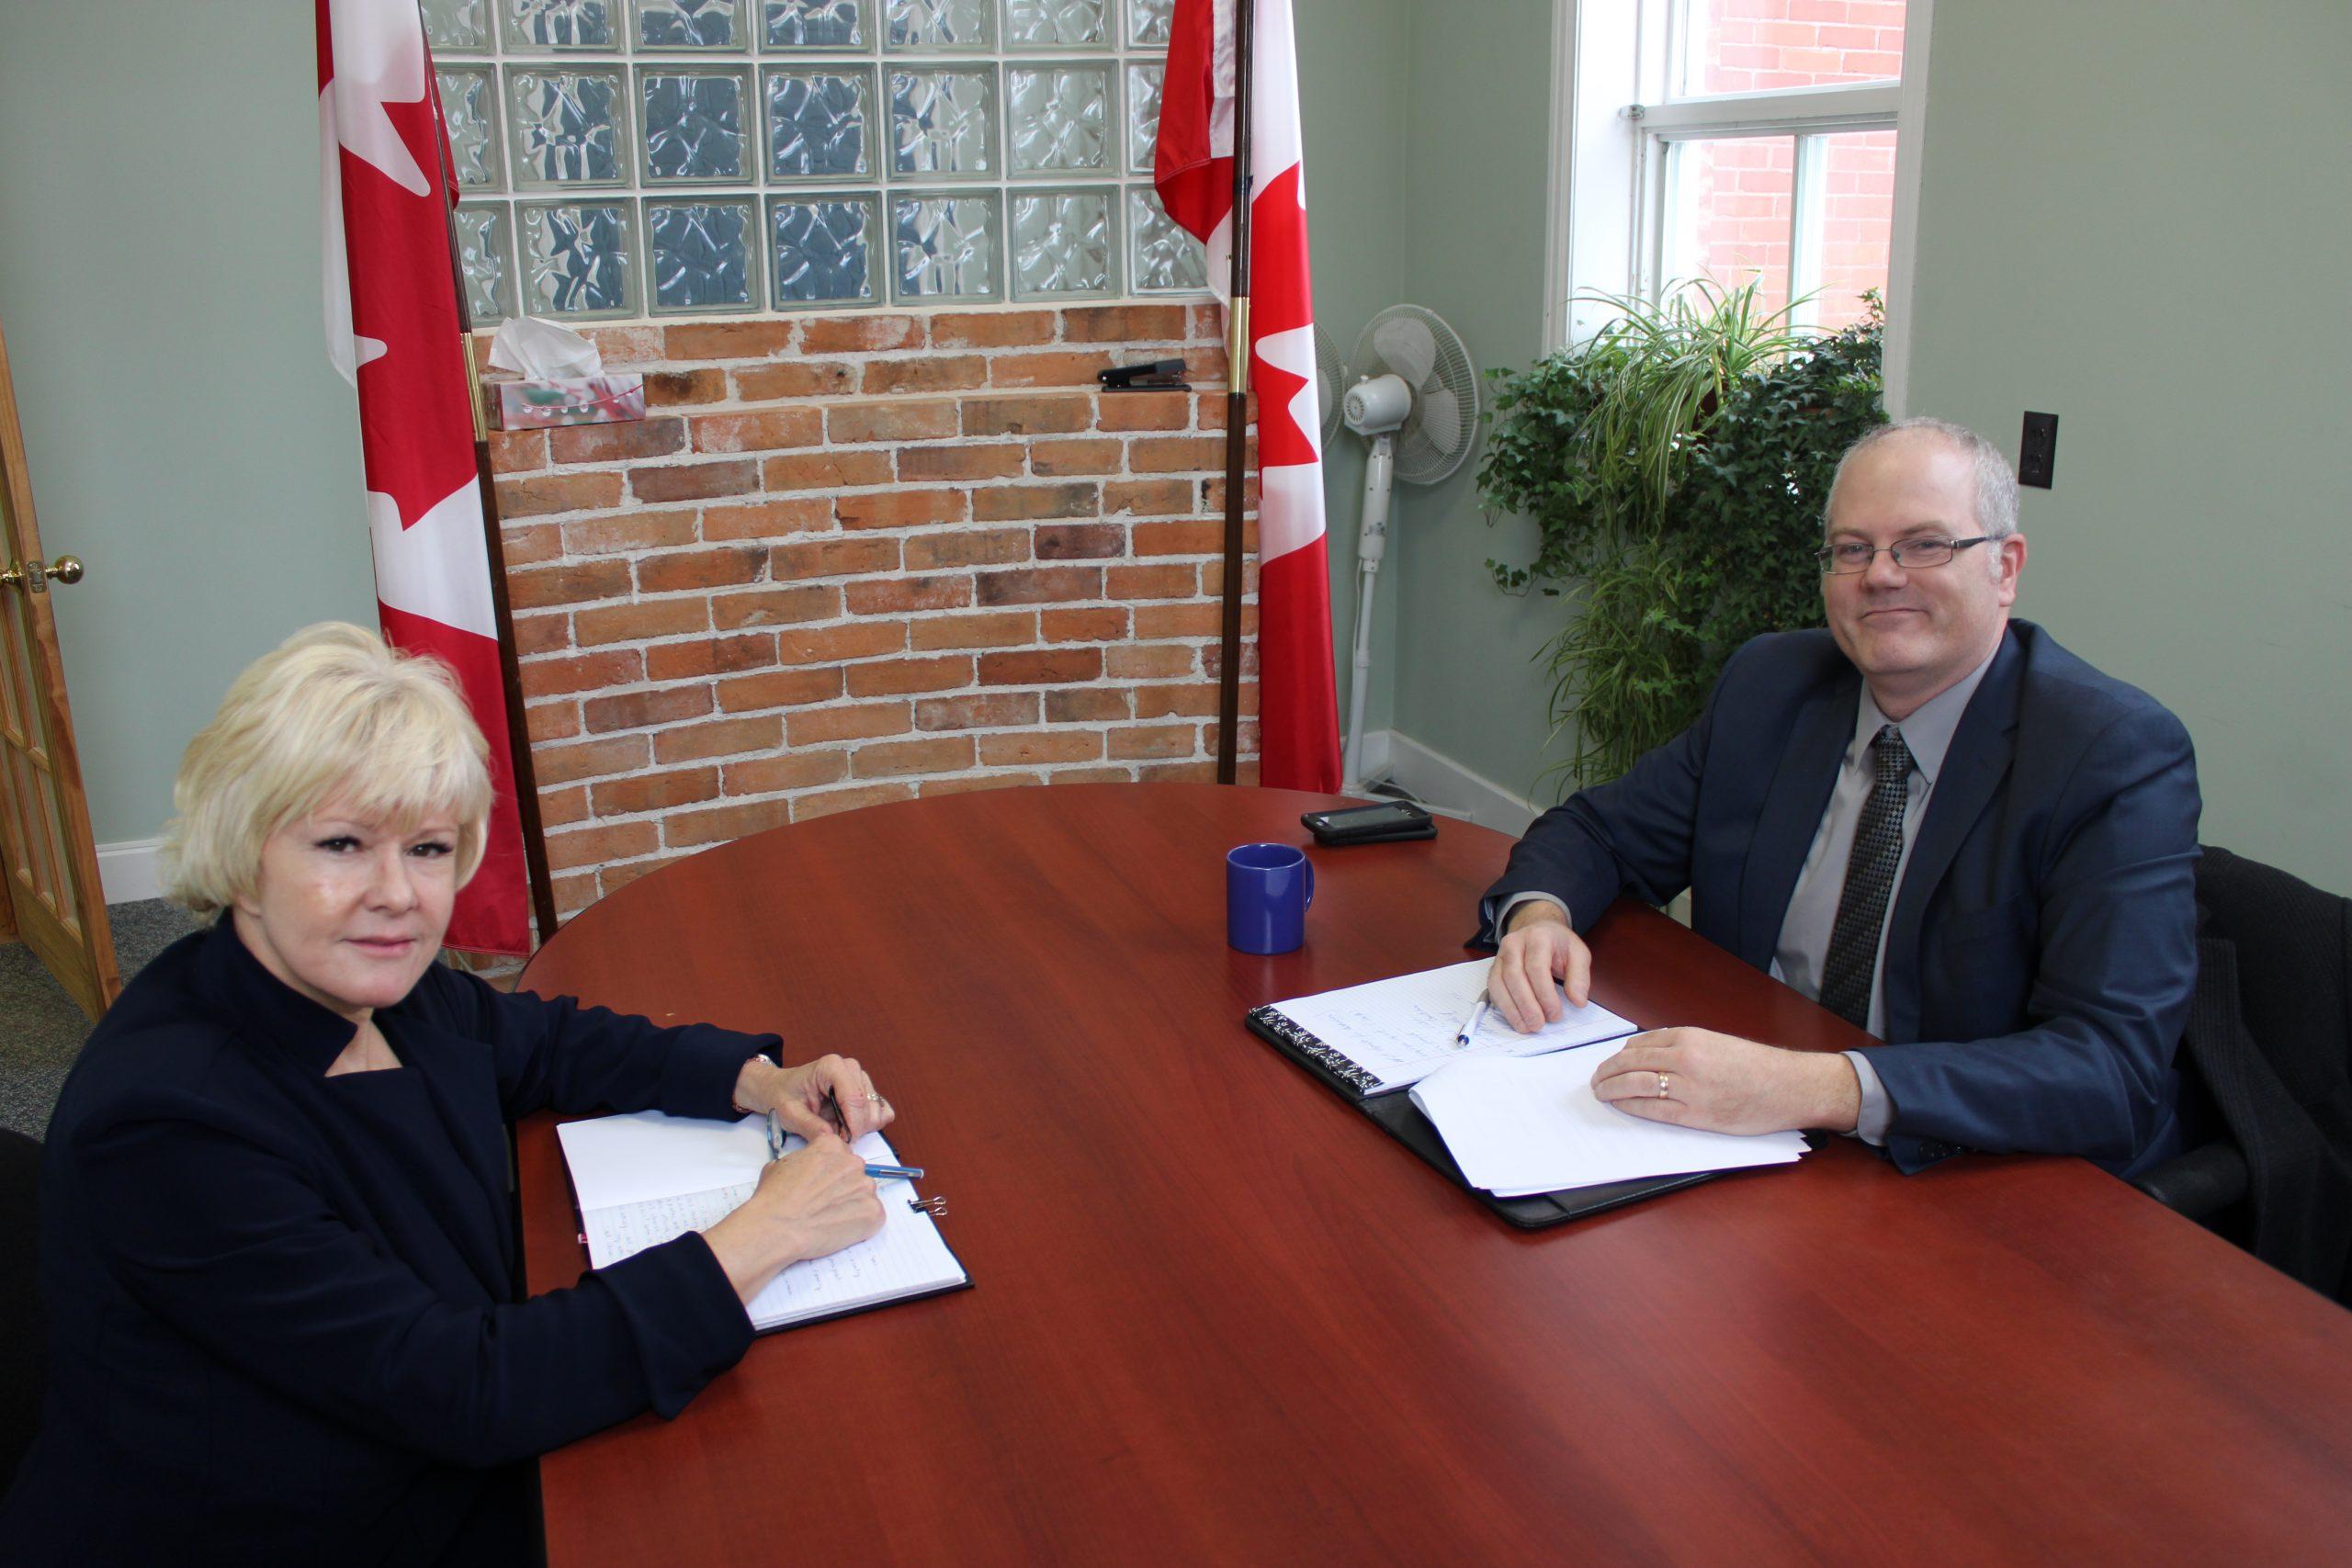 Big Banks Abandon Rural Canada